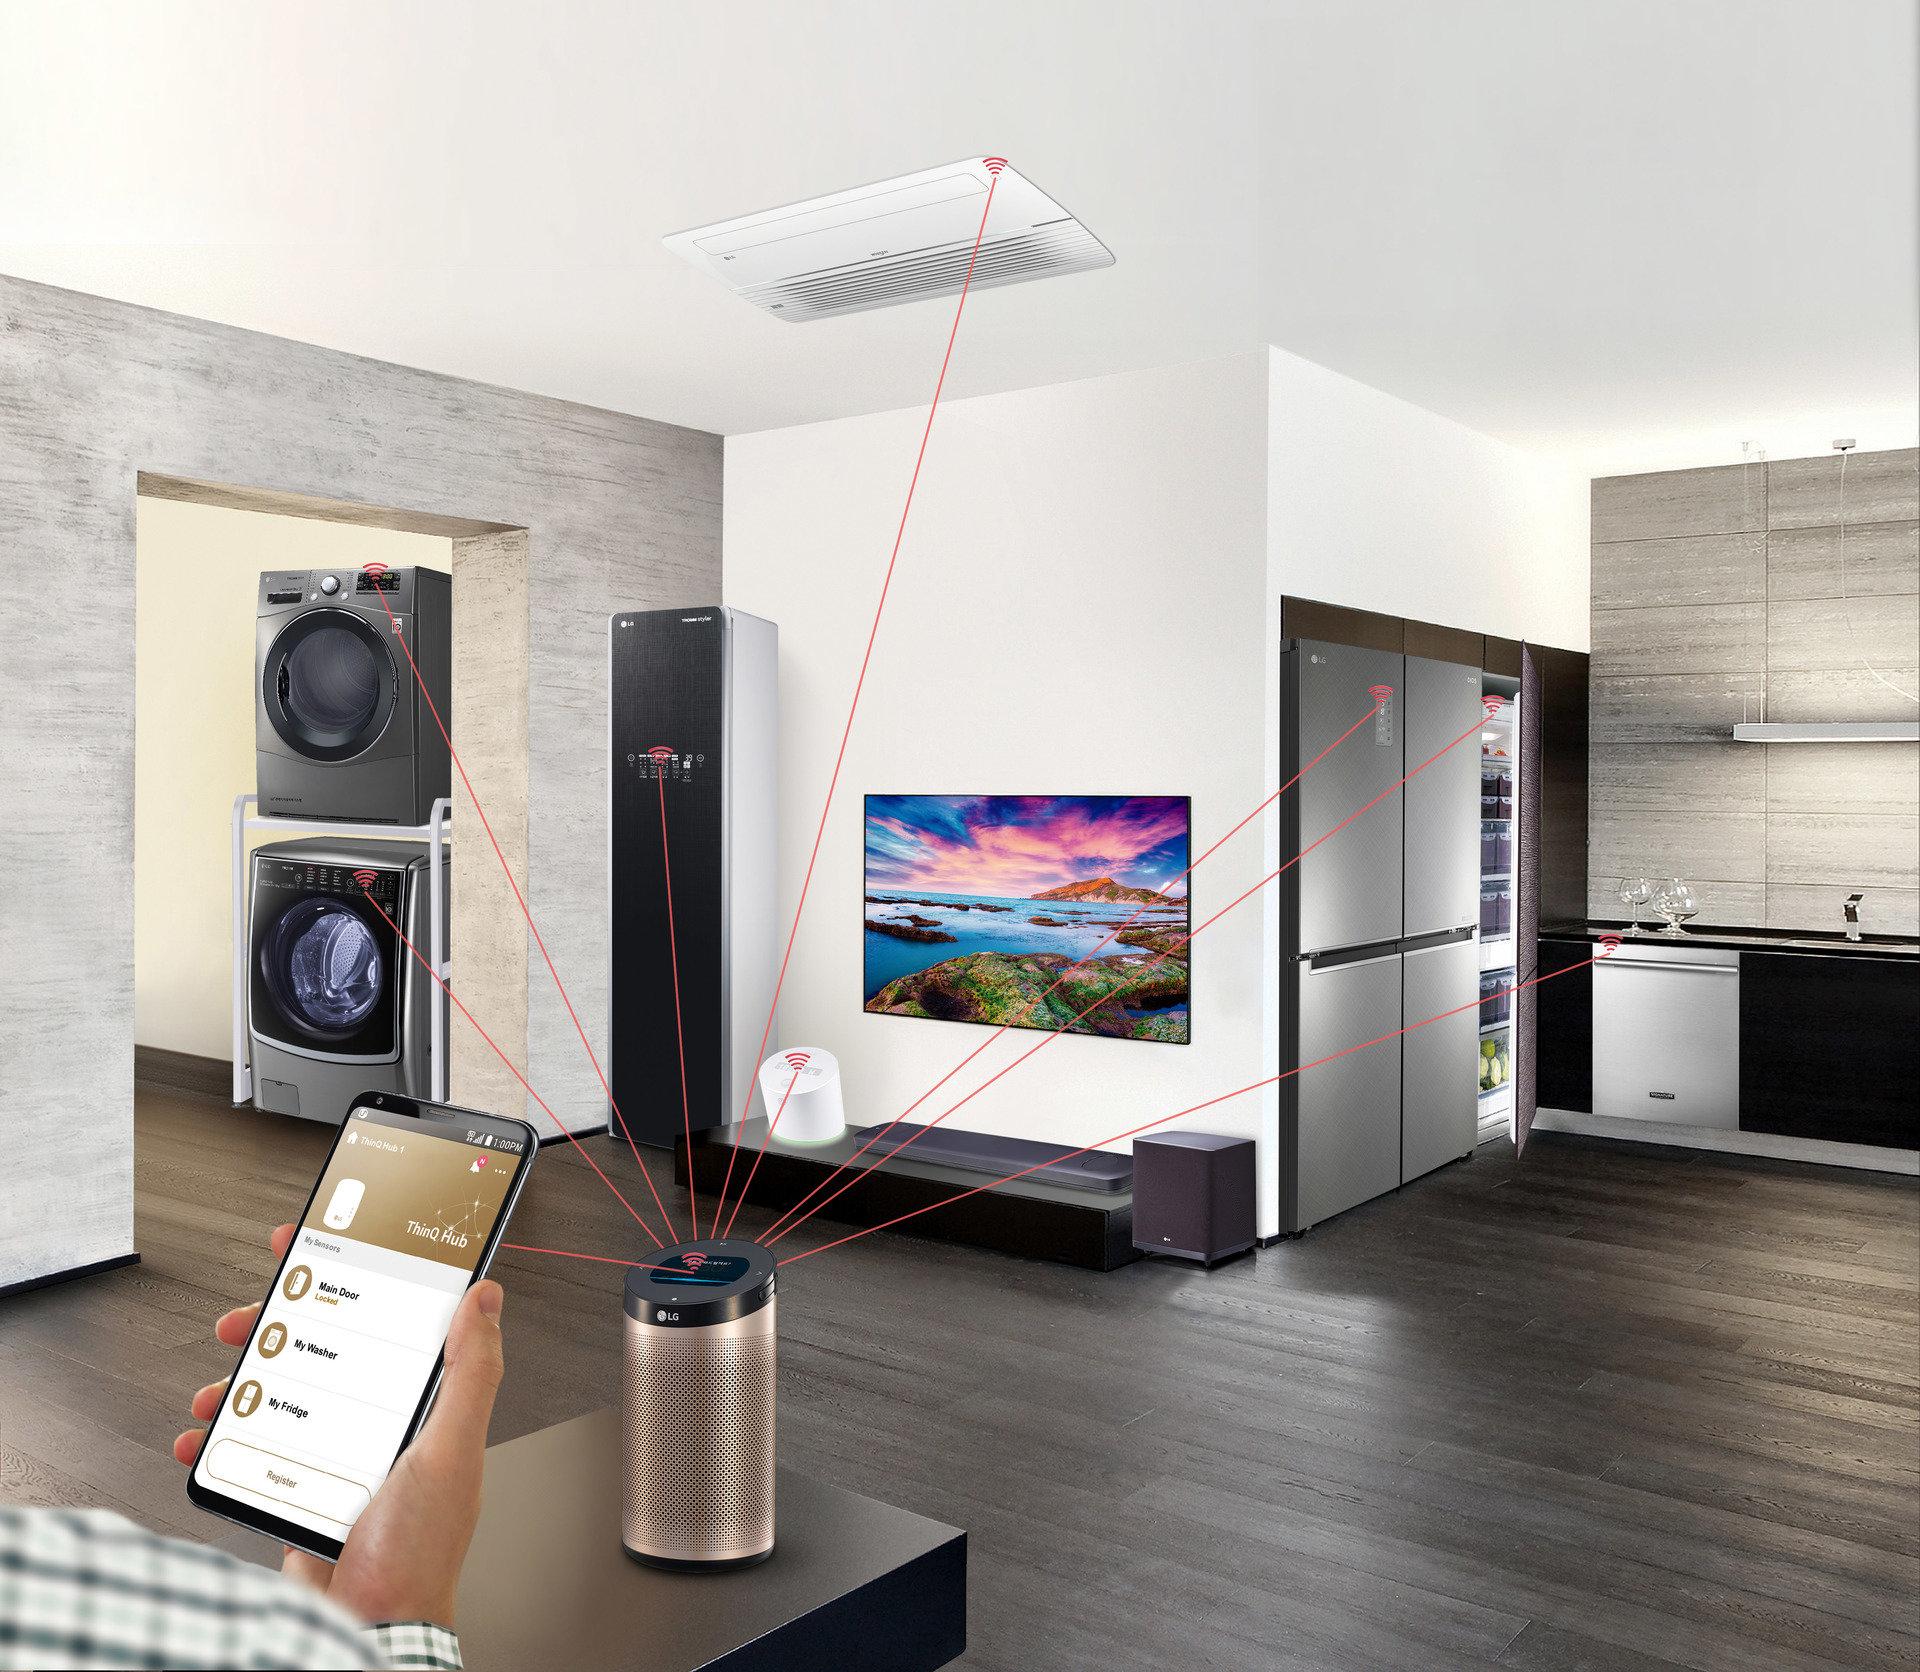 Apartamenty przyszłości z ekosystemem inteligentnych rozwiązań od LG